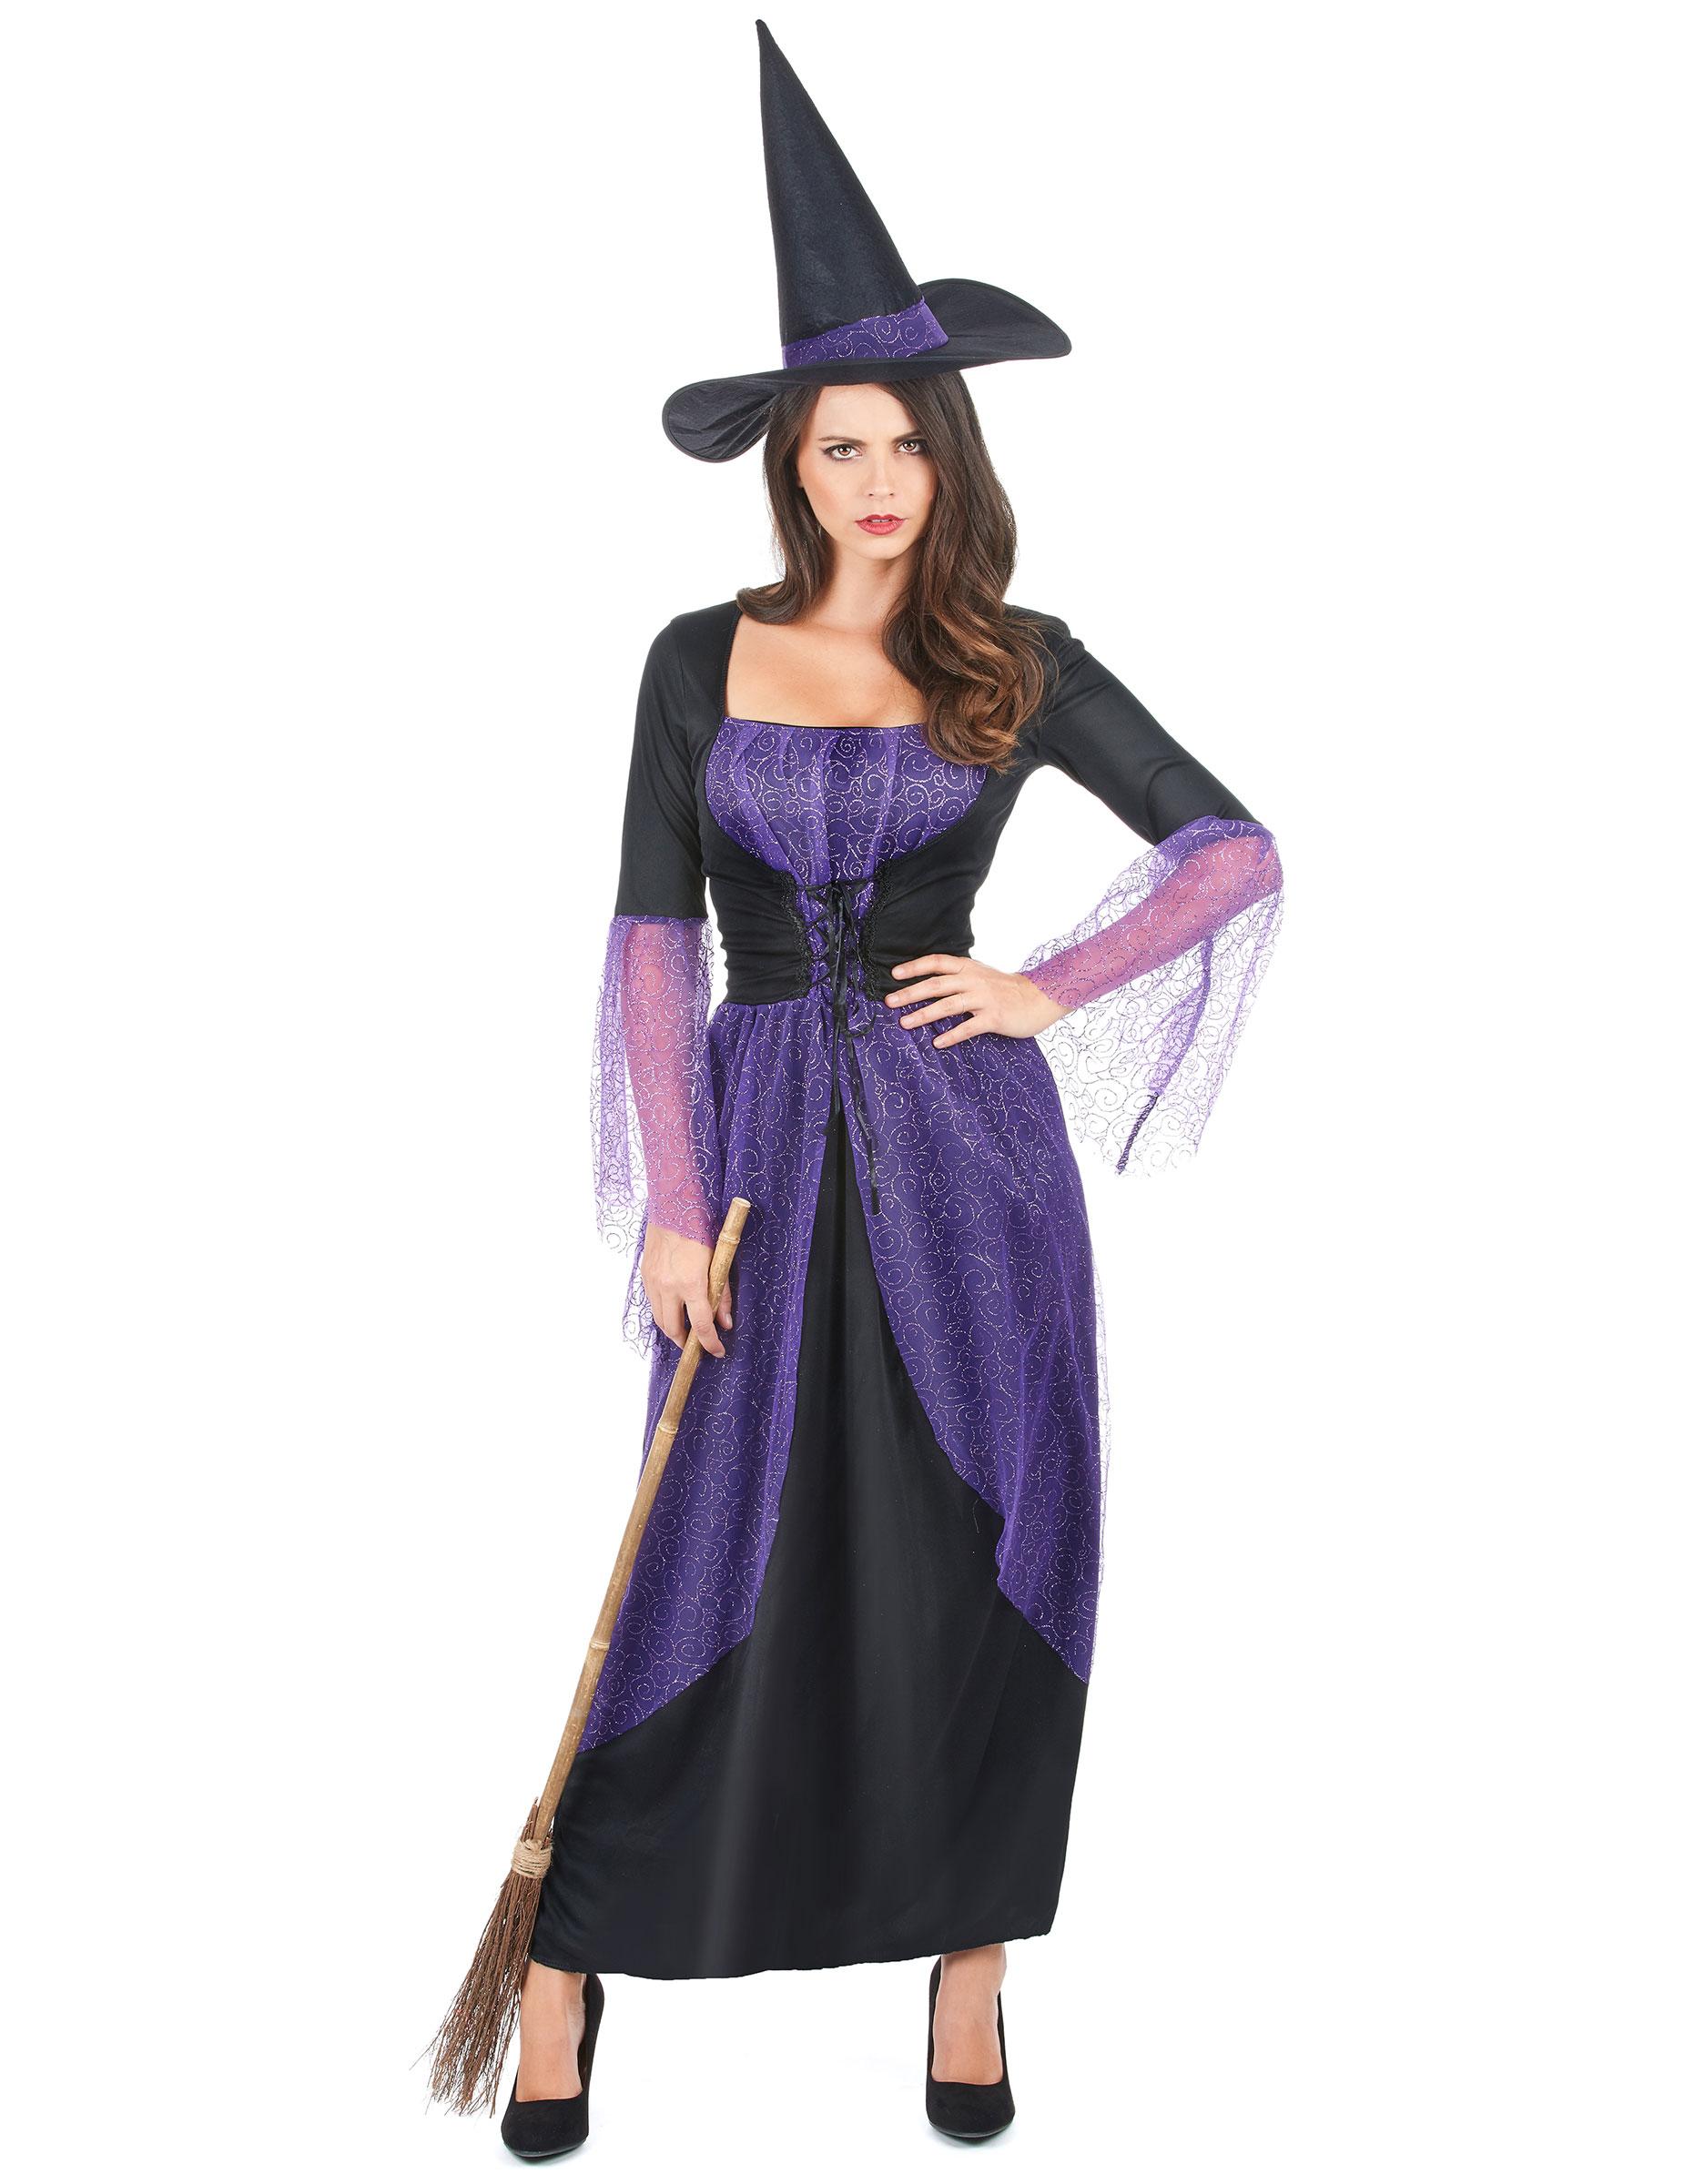 d guisement sorci re violette femme deguise toi achat de d guisements adultes. Black Bedroom Furniture Sets. Home Design Ideas